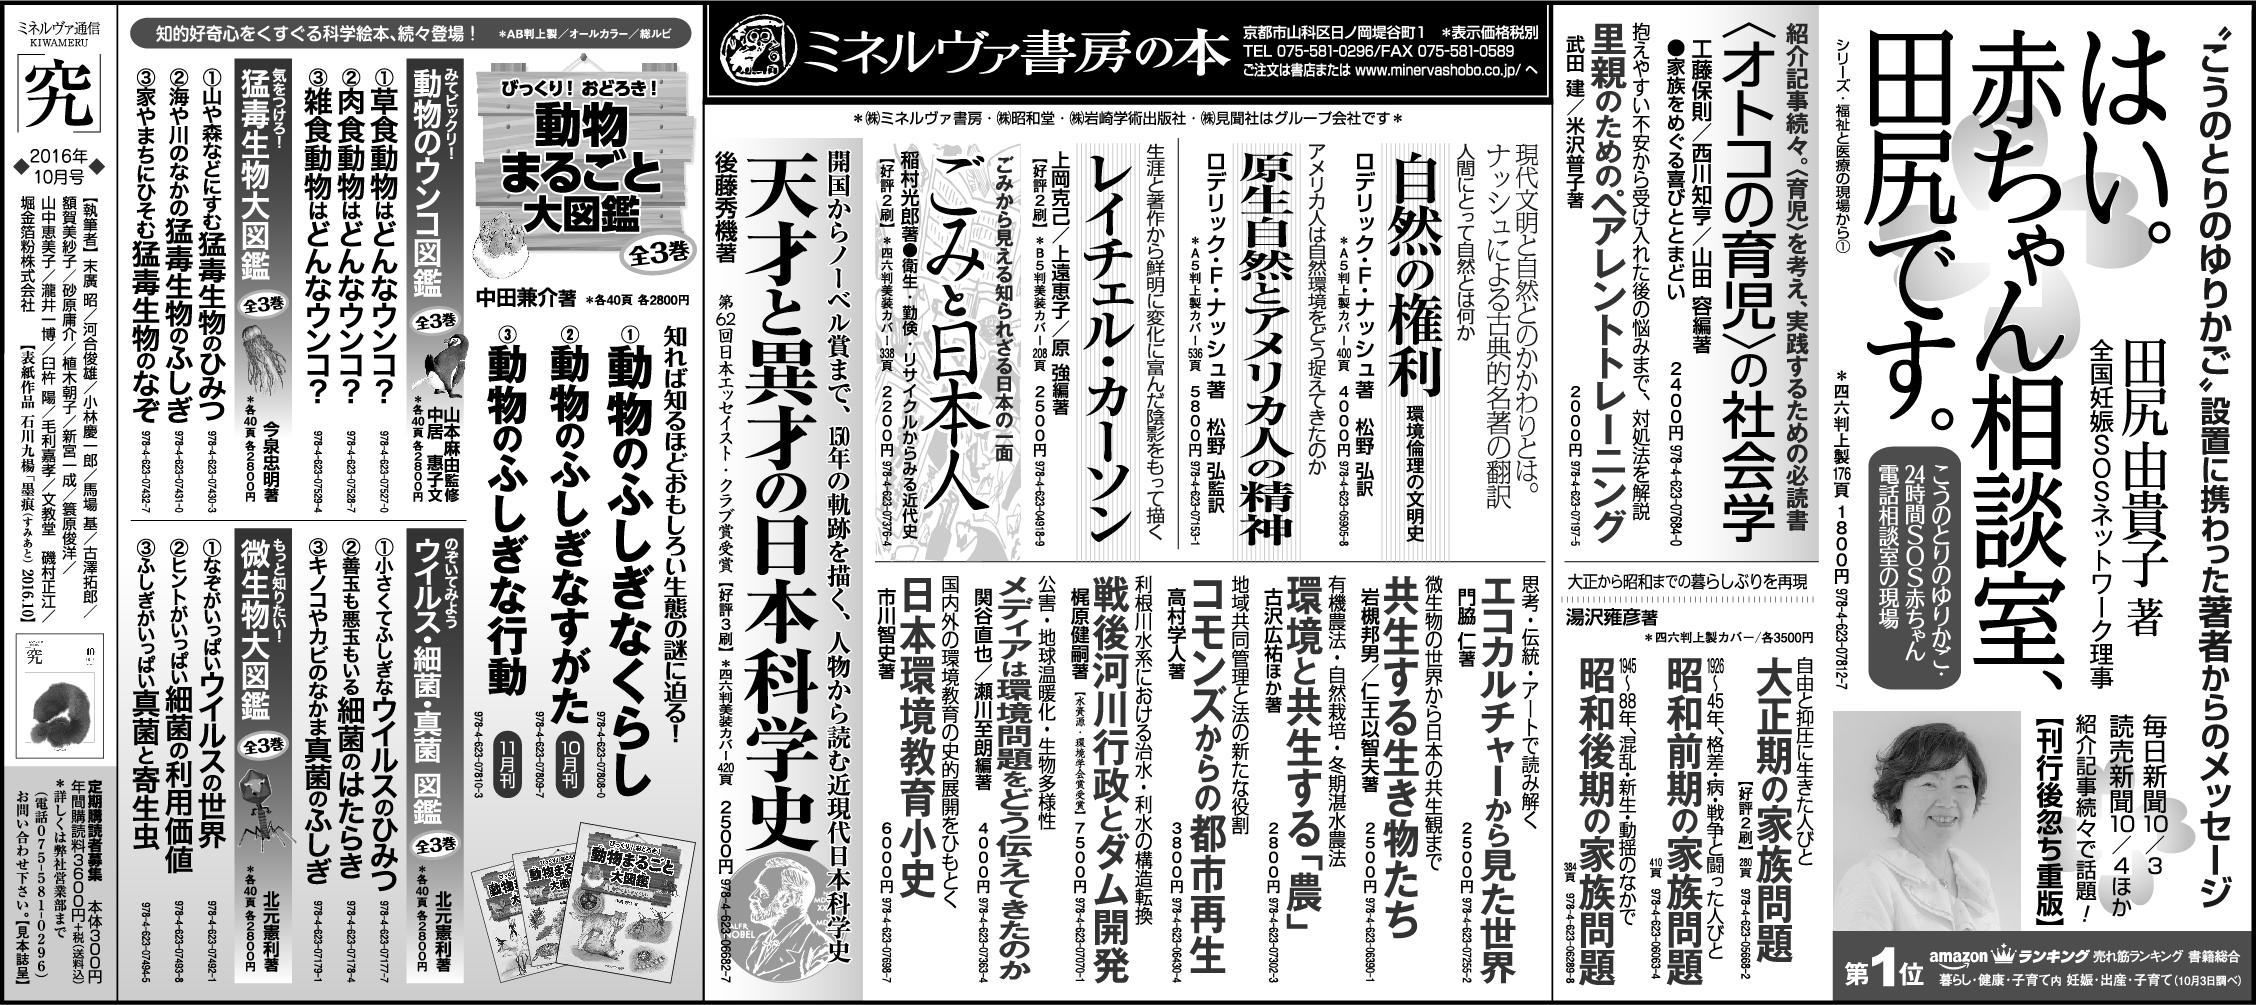 朝日新聞2016年10月9日(読書面)全5段広告